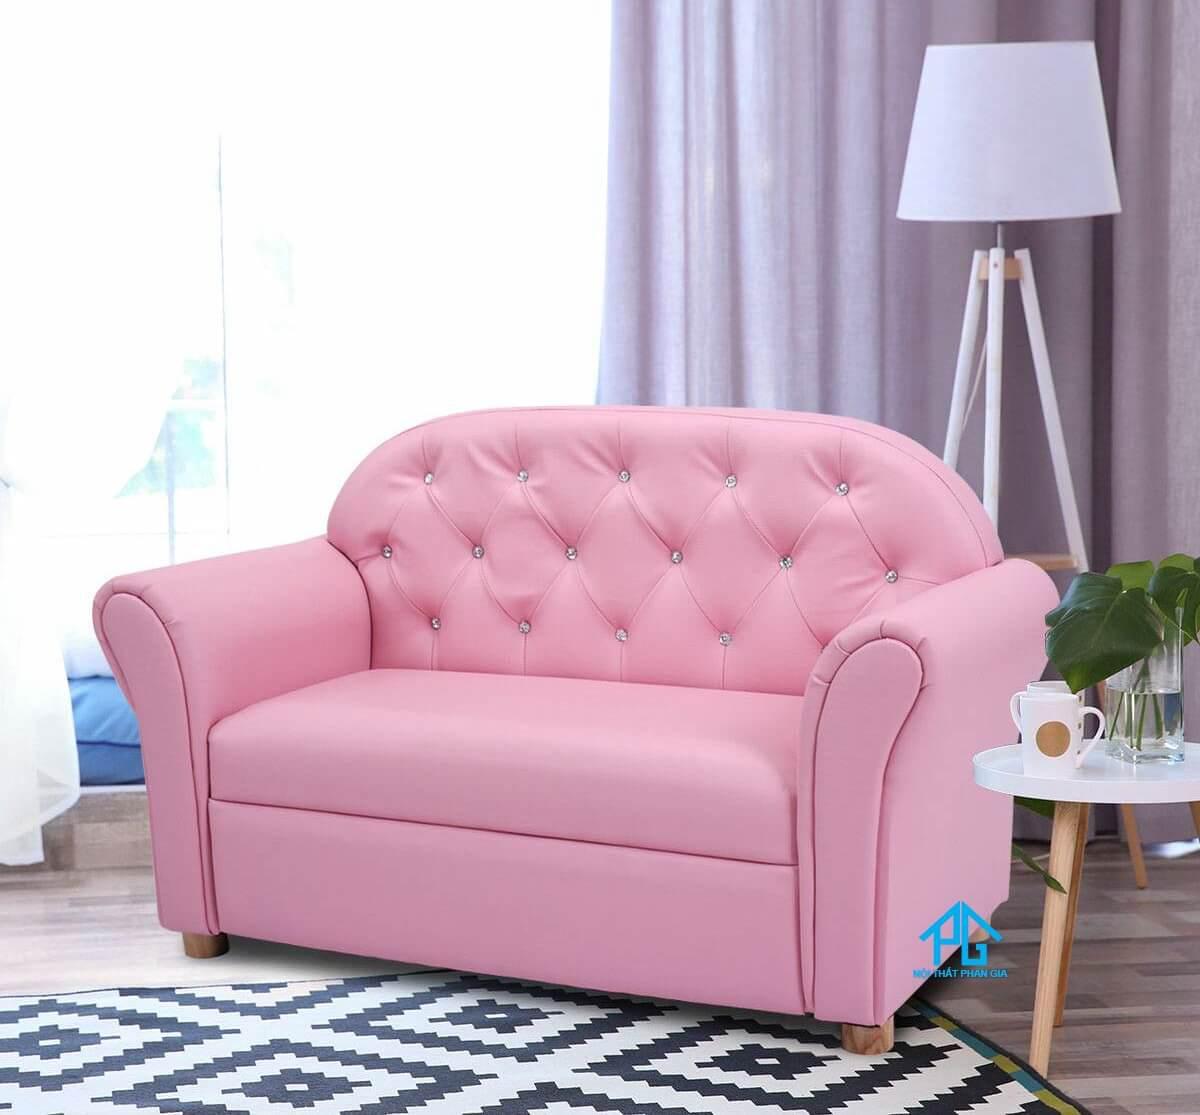 ghế sofa trẻ em giá rẻ